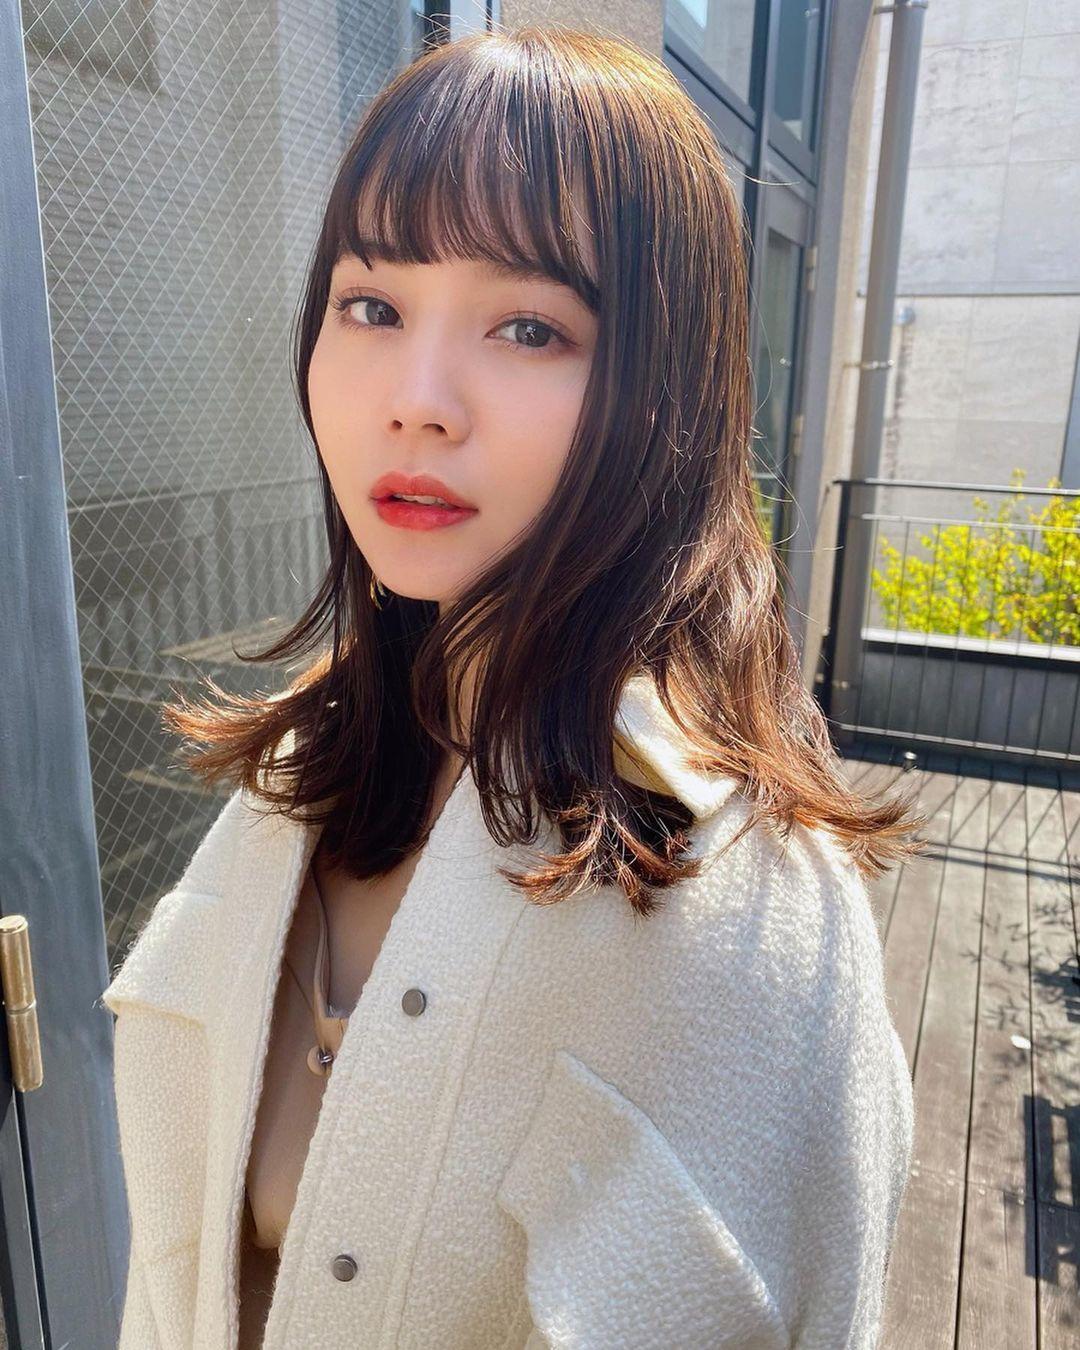 崛北真希妹妹NANAMI新生代清纯女 网络美女 第43张